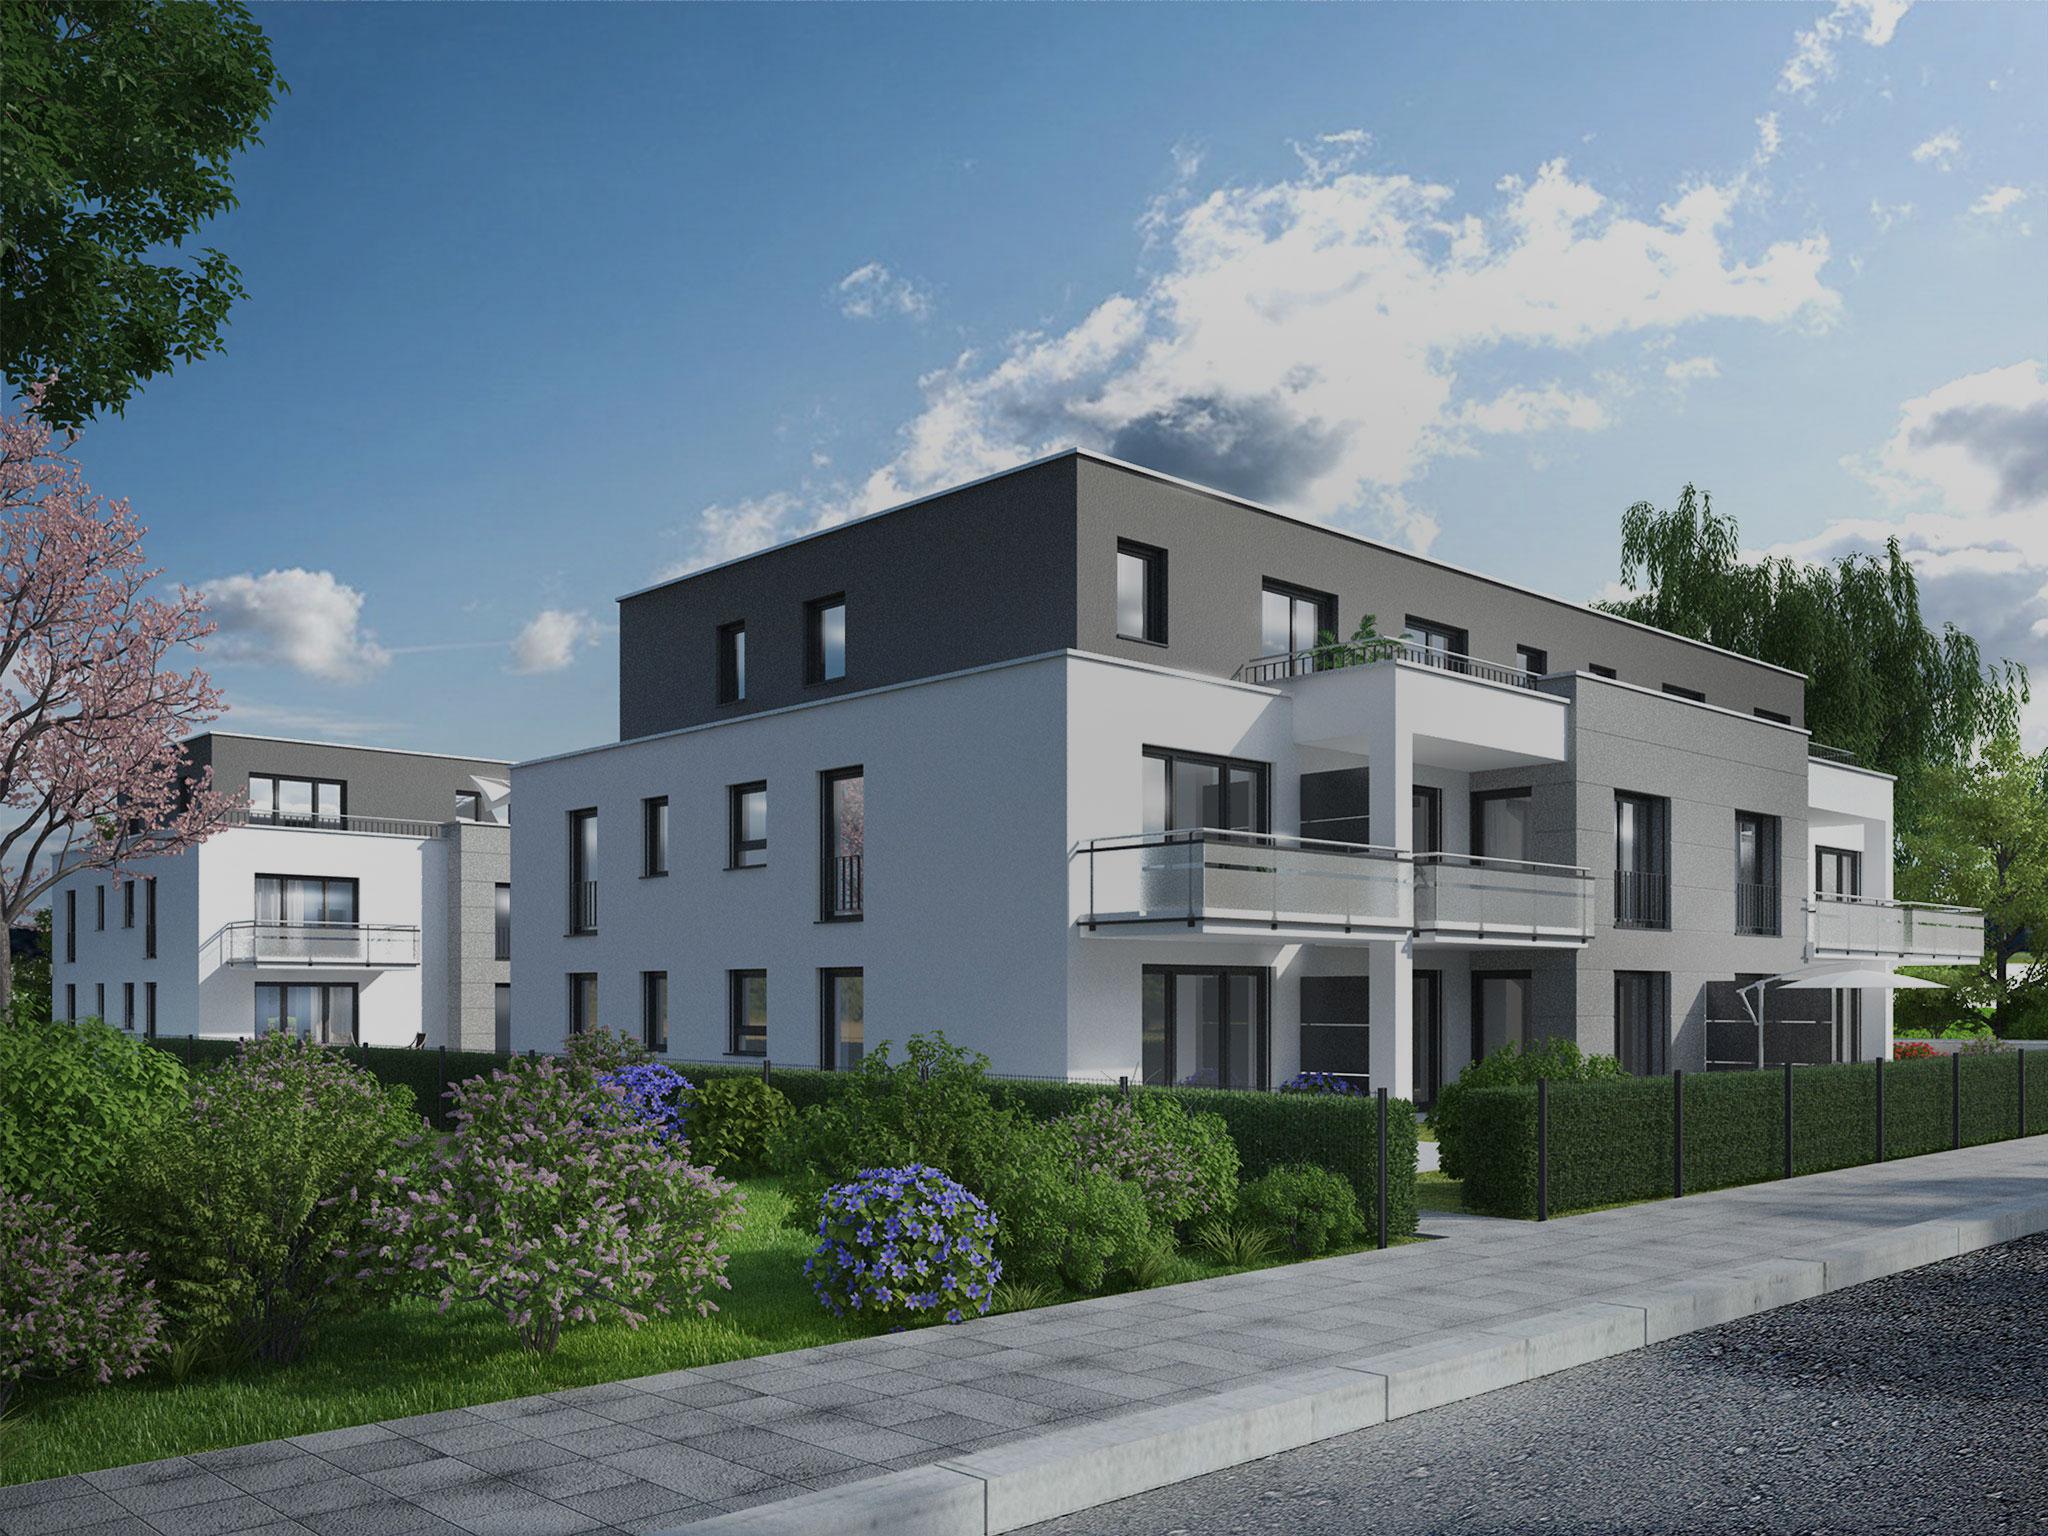 Ihr Bauträger in Nürnberg für hochwertige Immobilienprojekte in der Metropolregion